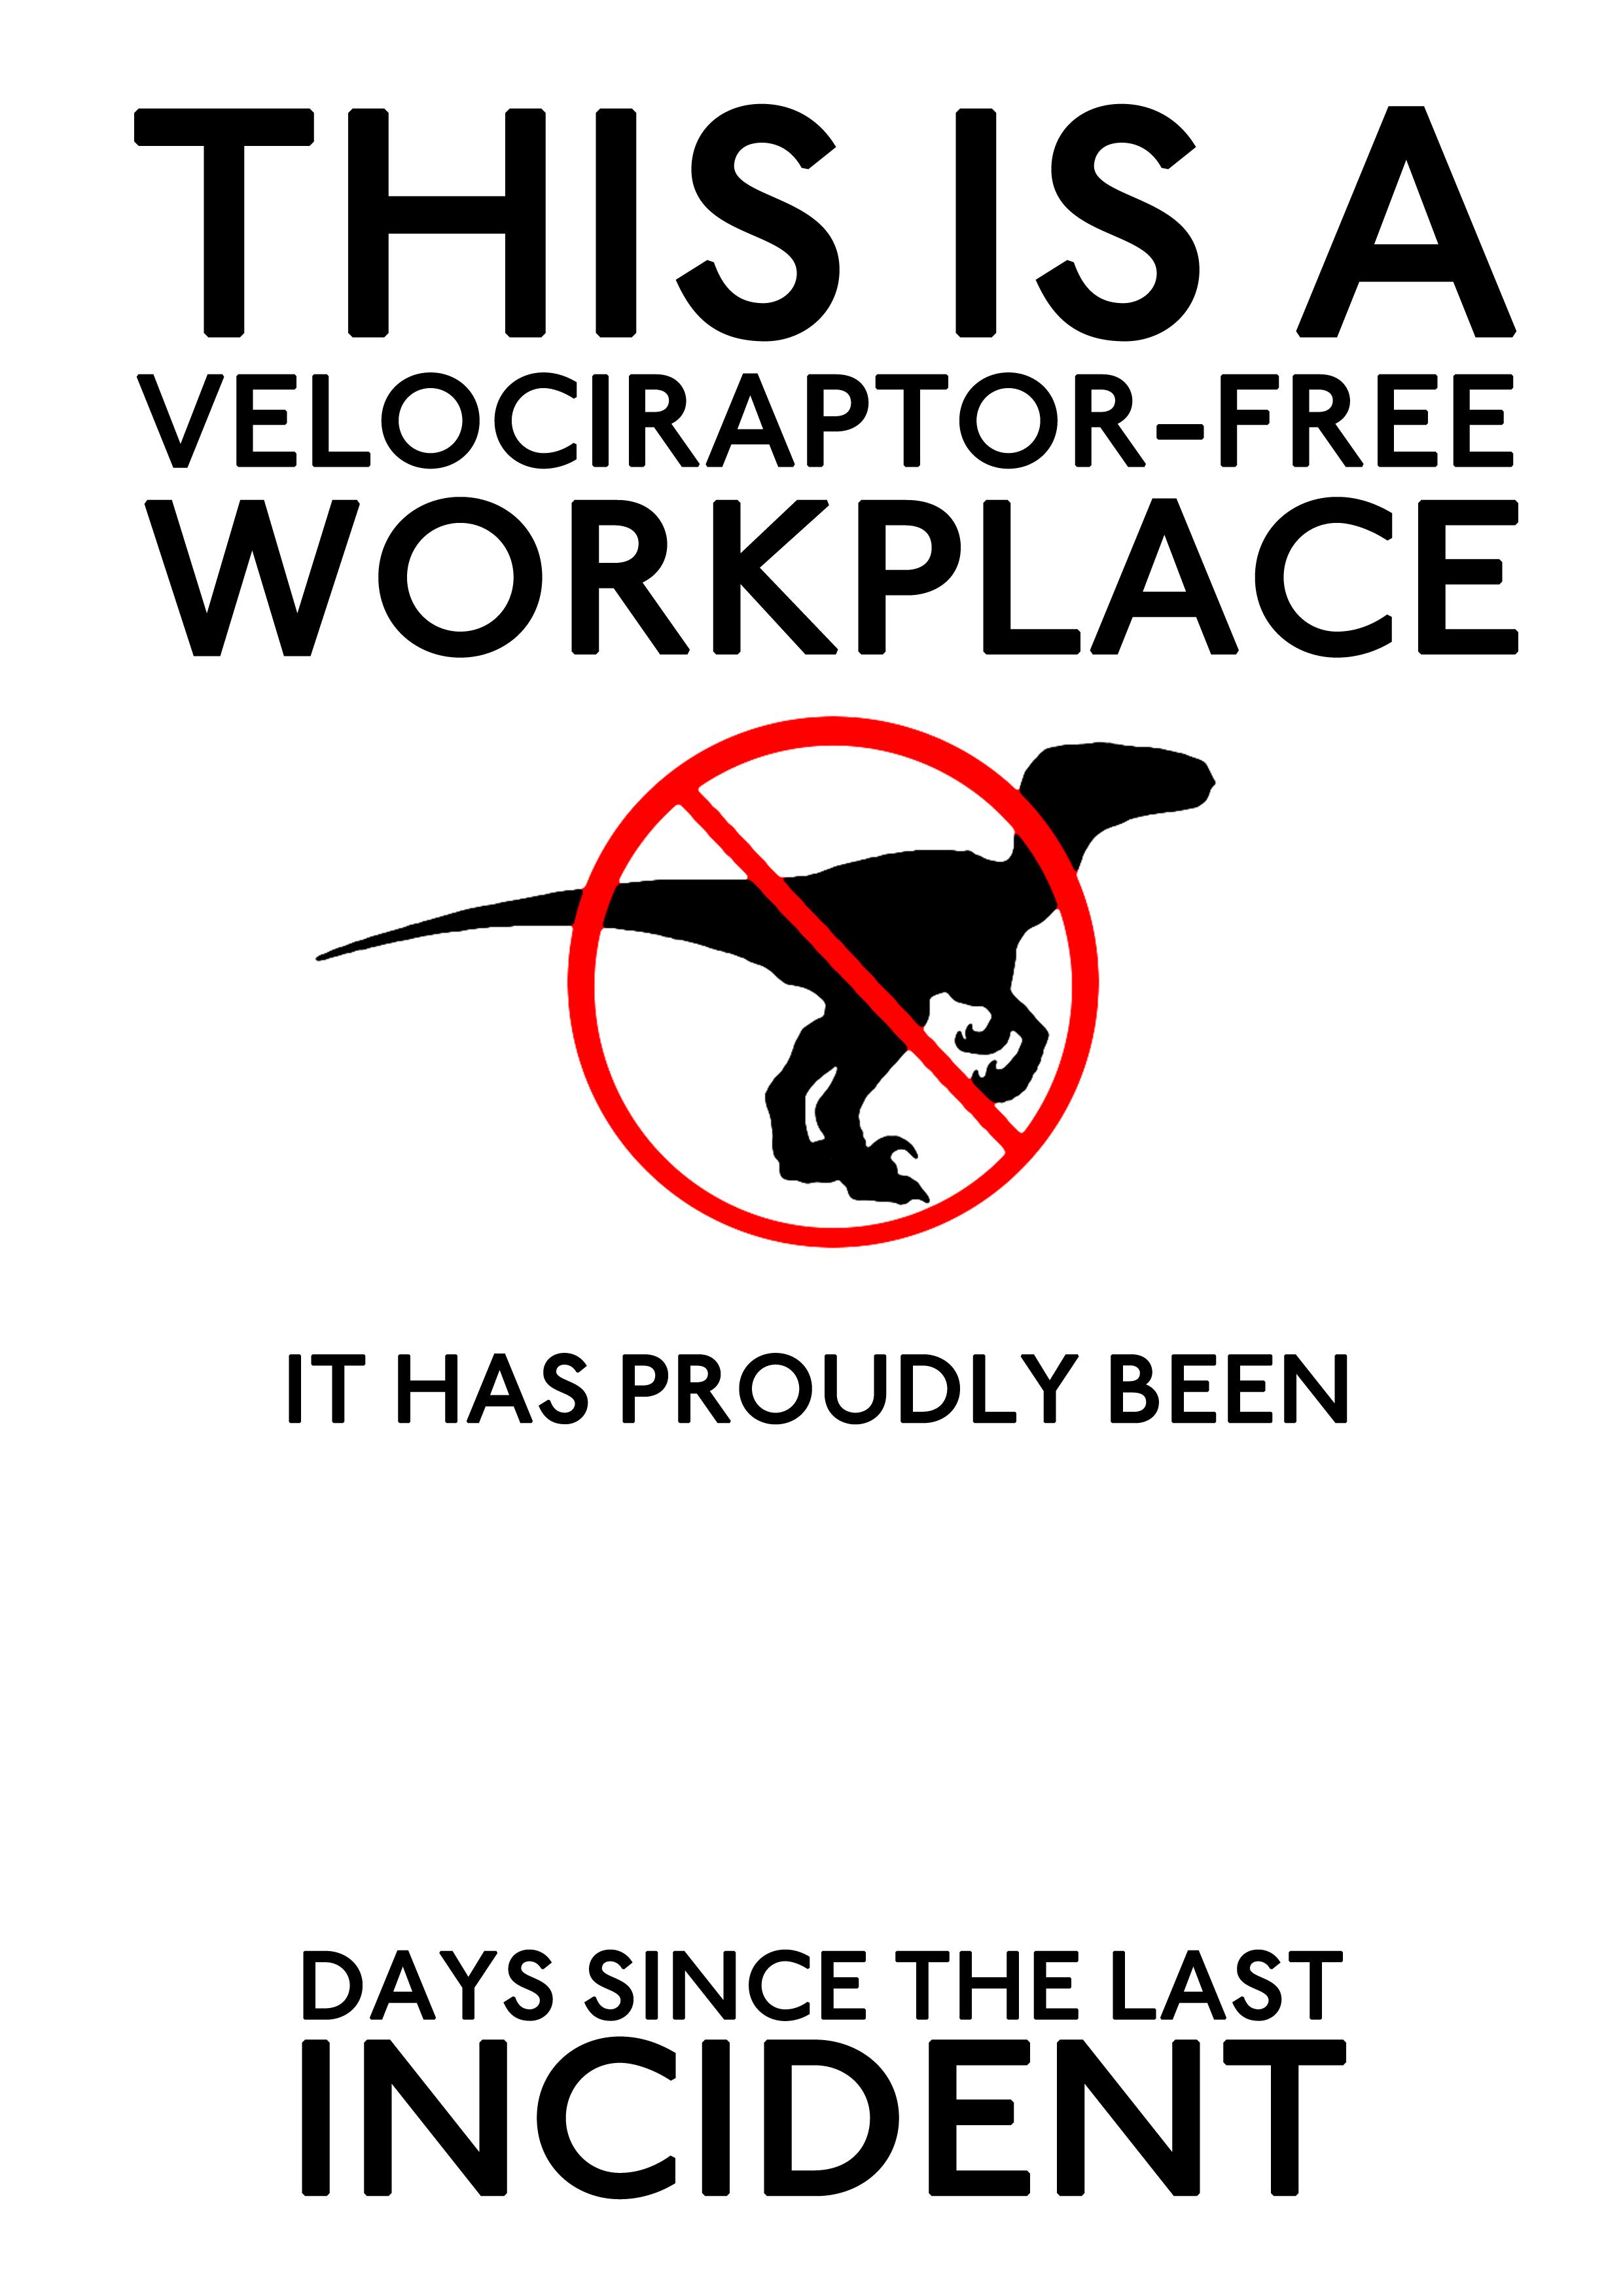 Velociraptor-Free Workplace by ki